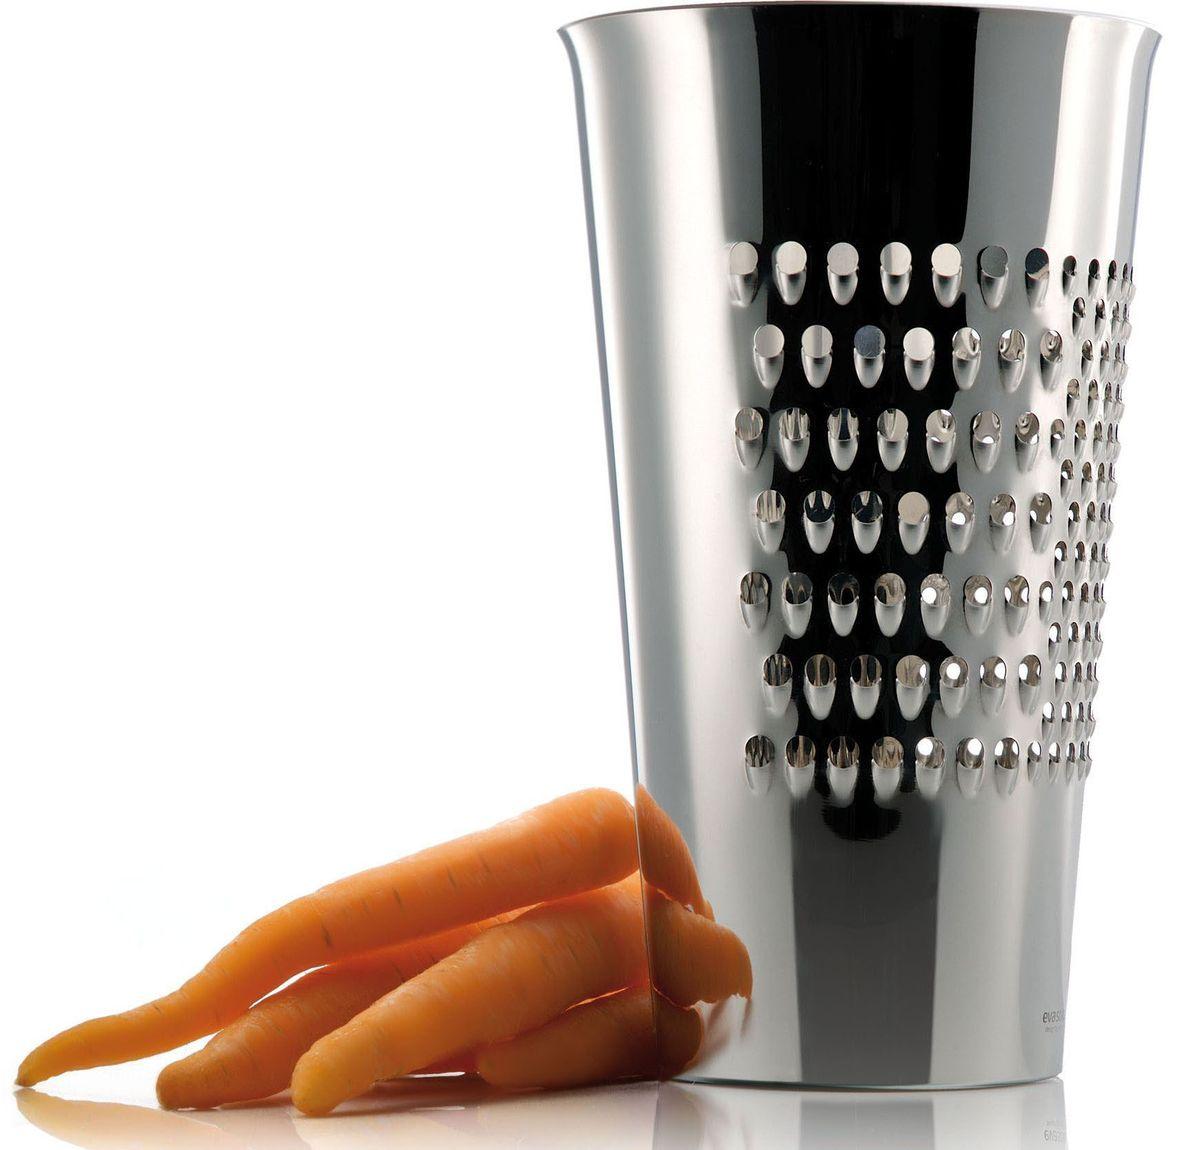 Терка-ведро Eva Solo, 21 см100715Можно натереть овощи, сыр, шоколад или все, что подскажет ваша фантазия, прямо в симпатичное ведерко из нержавеющей стали. Есть три разных терочных поверхности. Можно мыть в посудомоечной машине.Интересное решение от датских дизайнеров из компании Eva Solo - простота, функциональность и неповторимая эстетика даже в самых мелких предметах сделают вашу кухню еще более стильной и оригинальной.